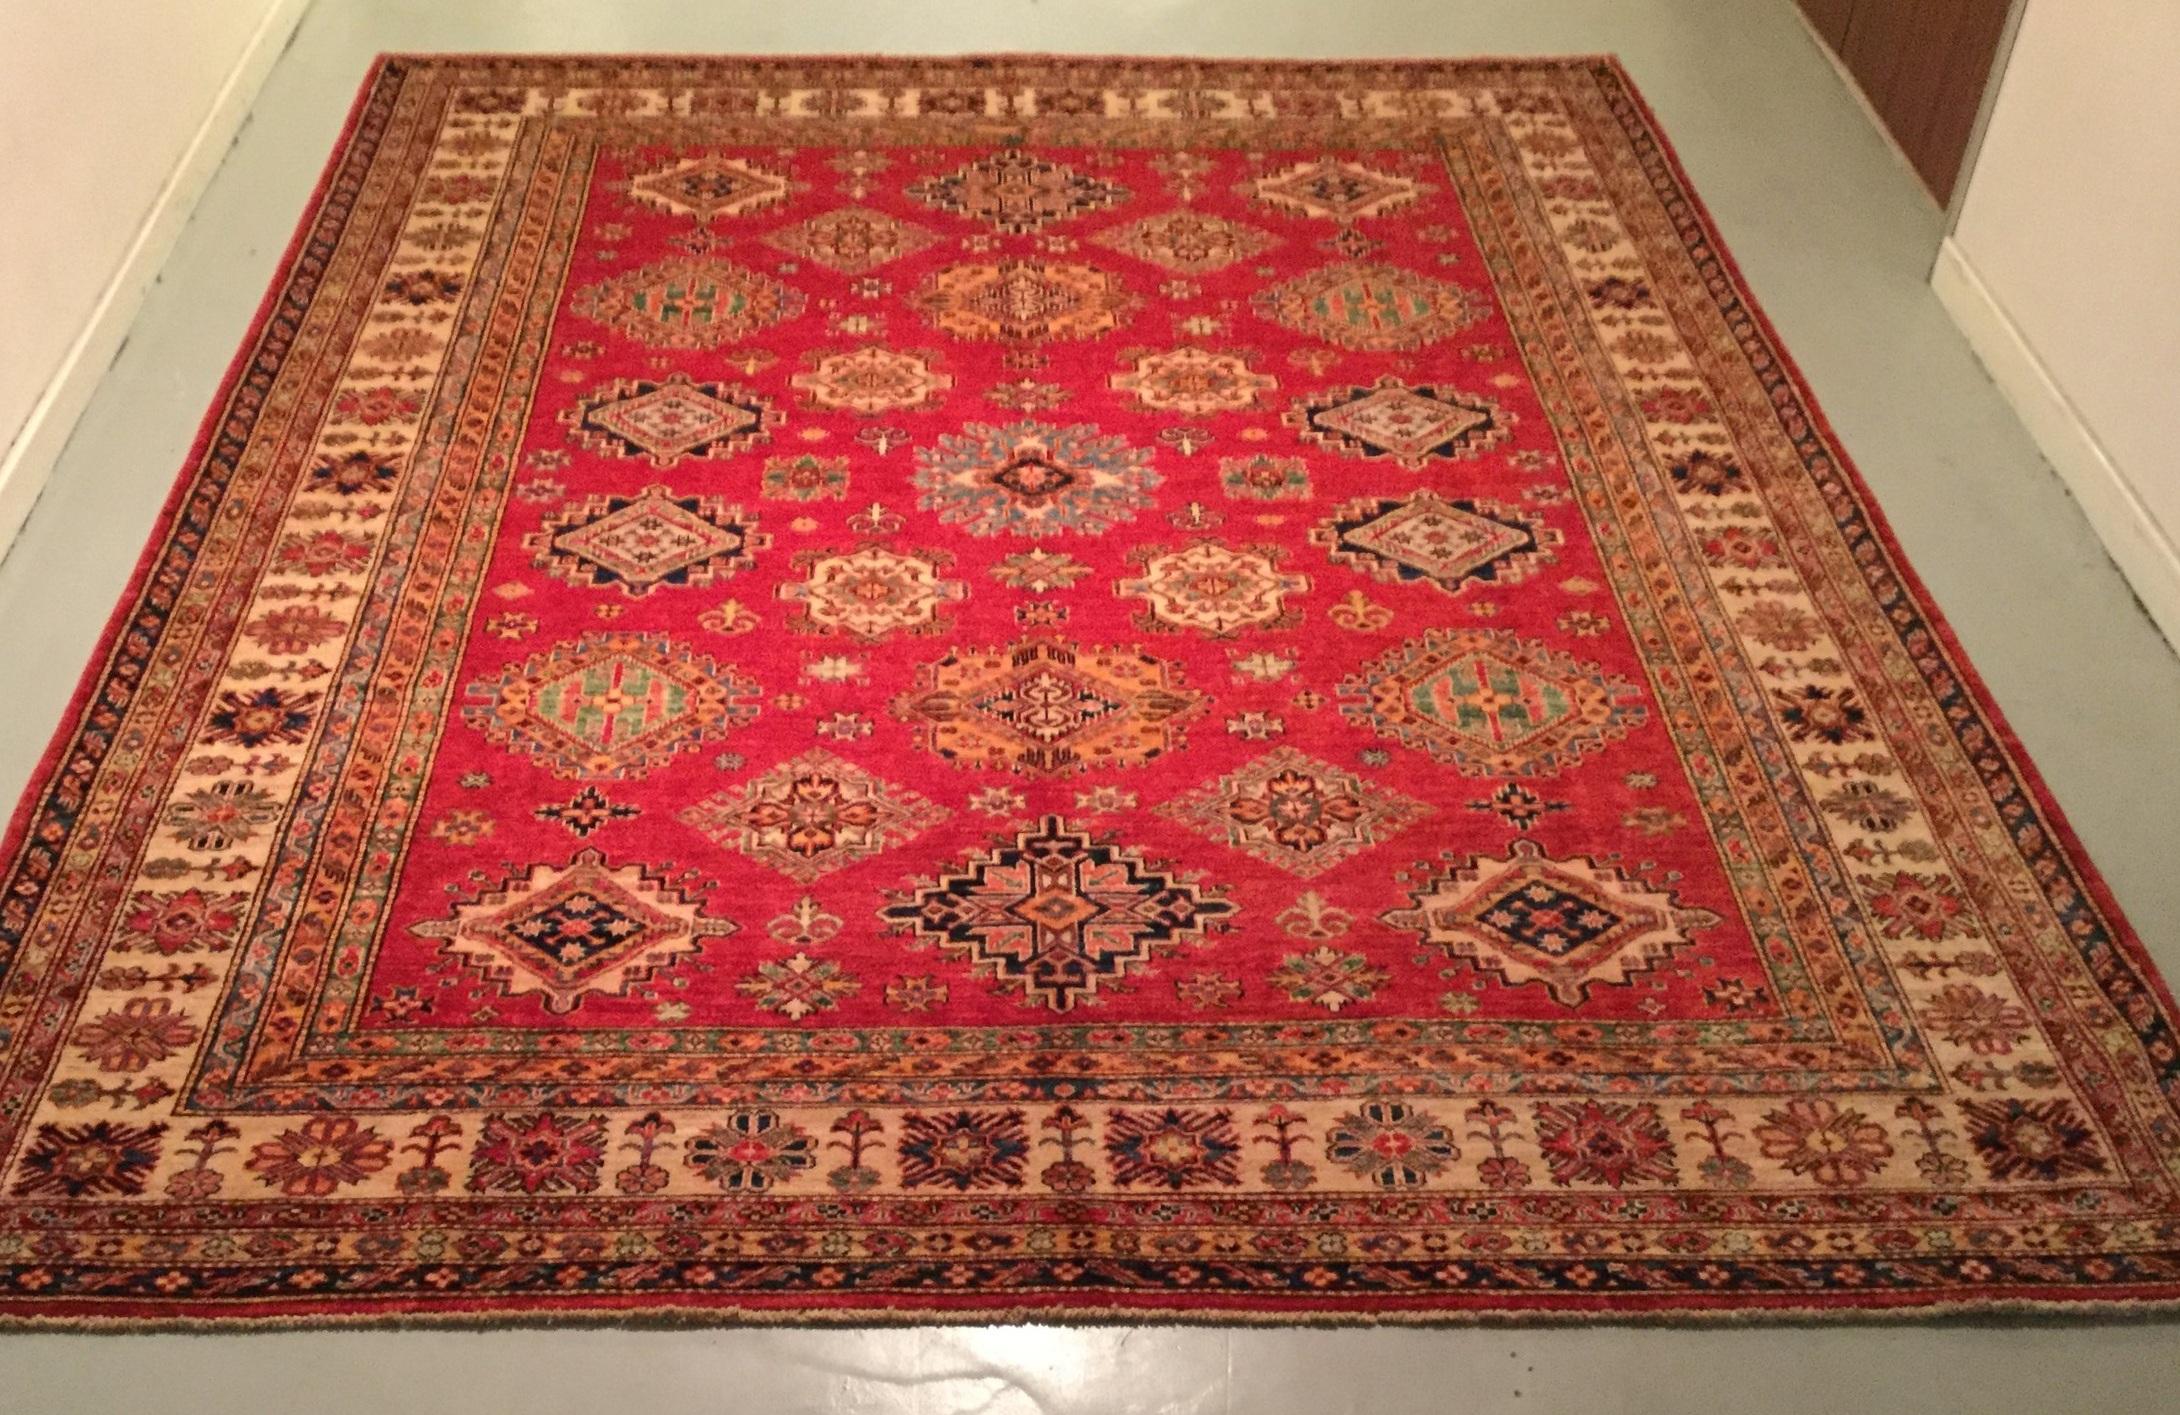 Afghan Kazak - Circa 2000's    Size Measurements: 302cm x 244cm